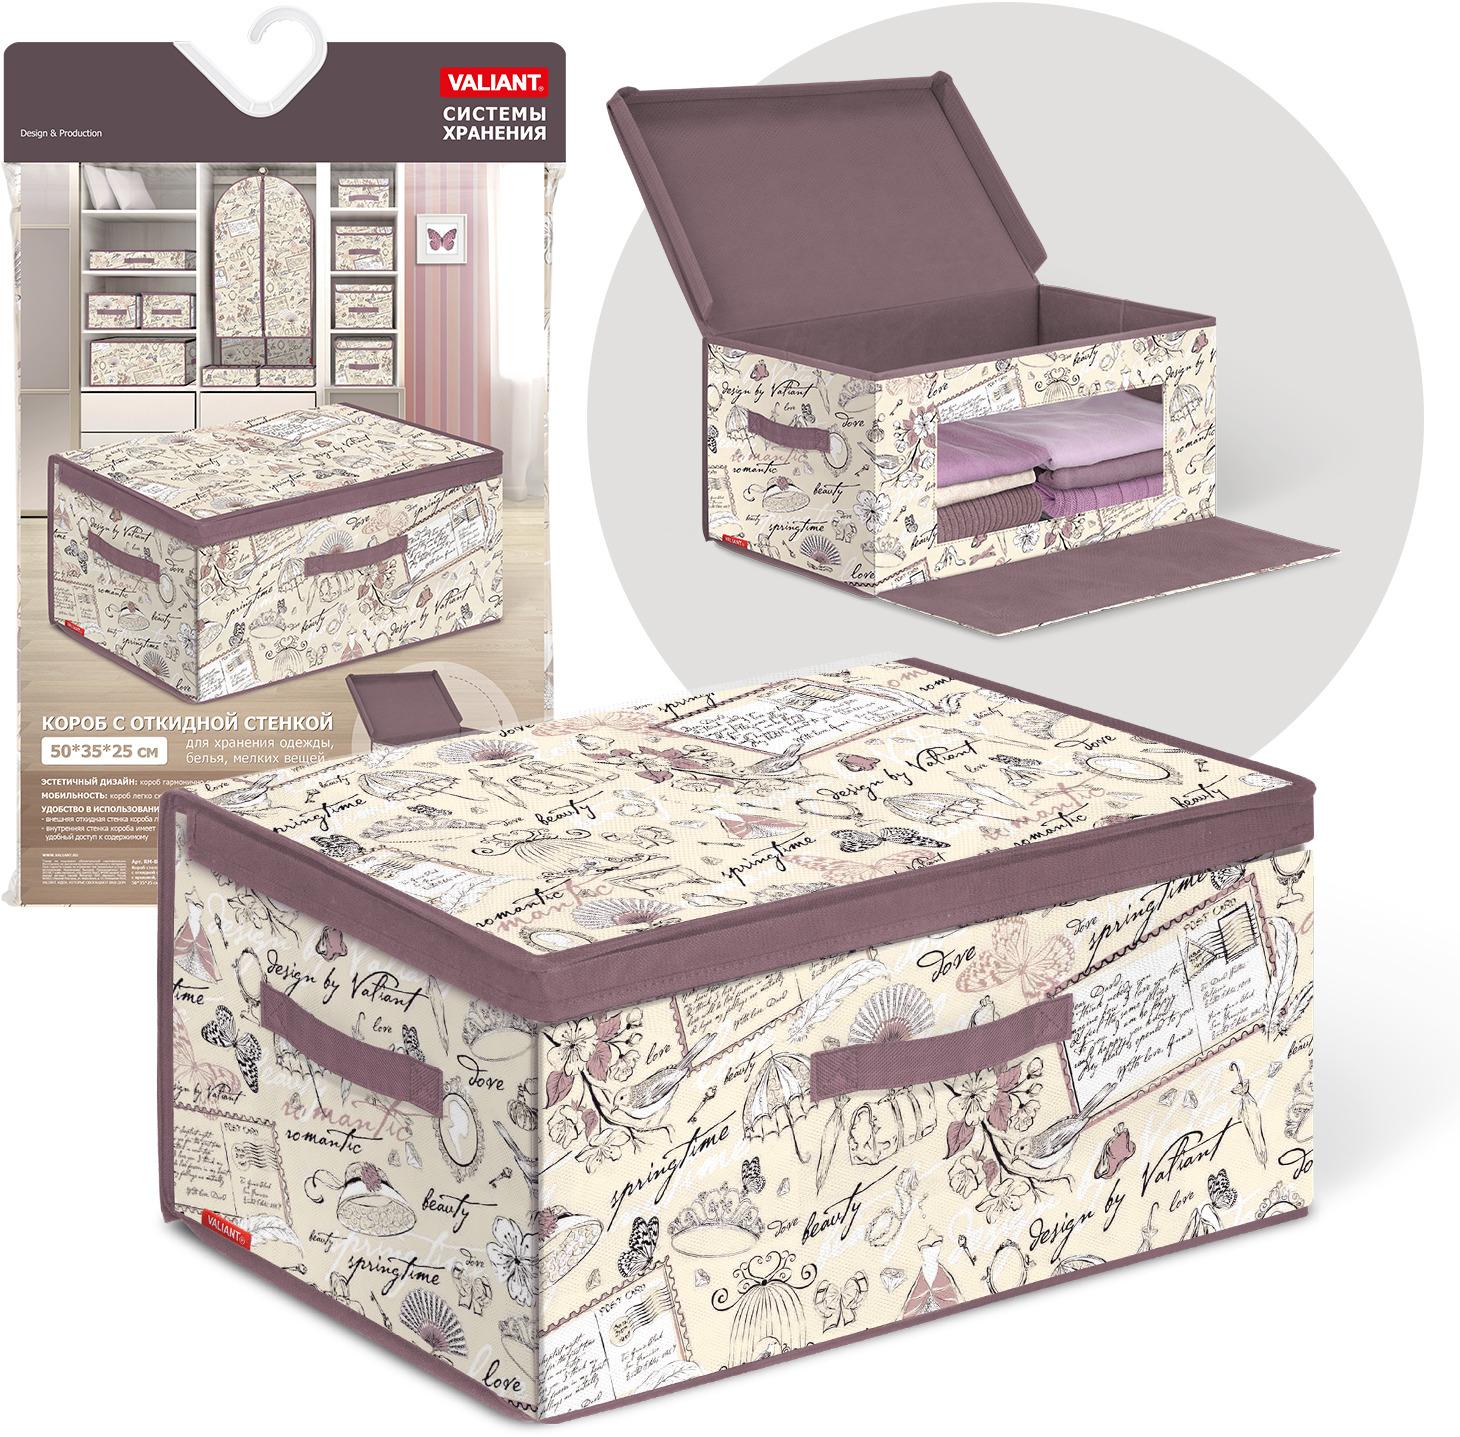 Кофр для хранения вещей Valiant Romantic с откидной стенкой и крышкой, цвет: коричневый, 50 х 35 х 25 см цена